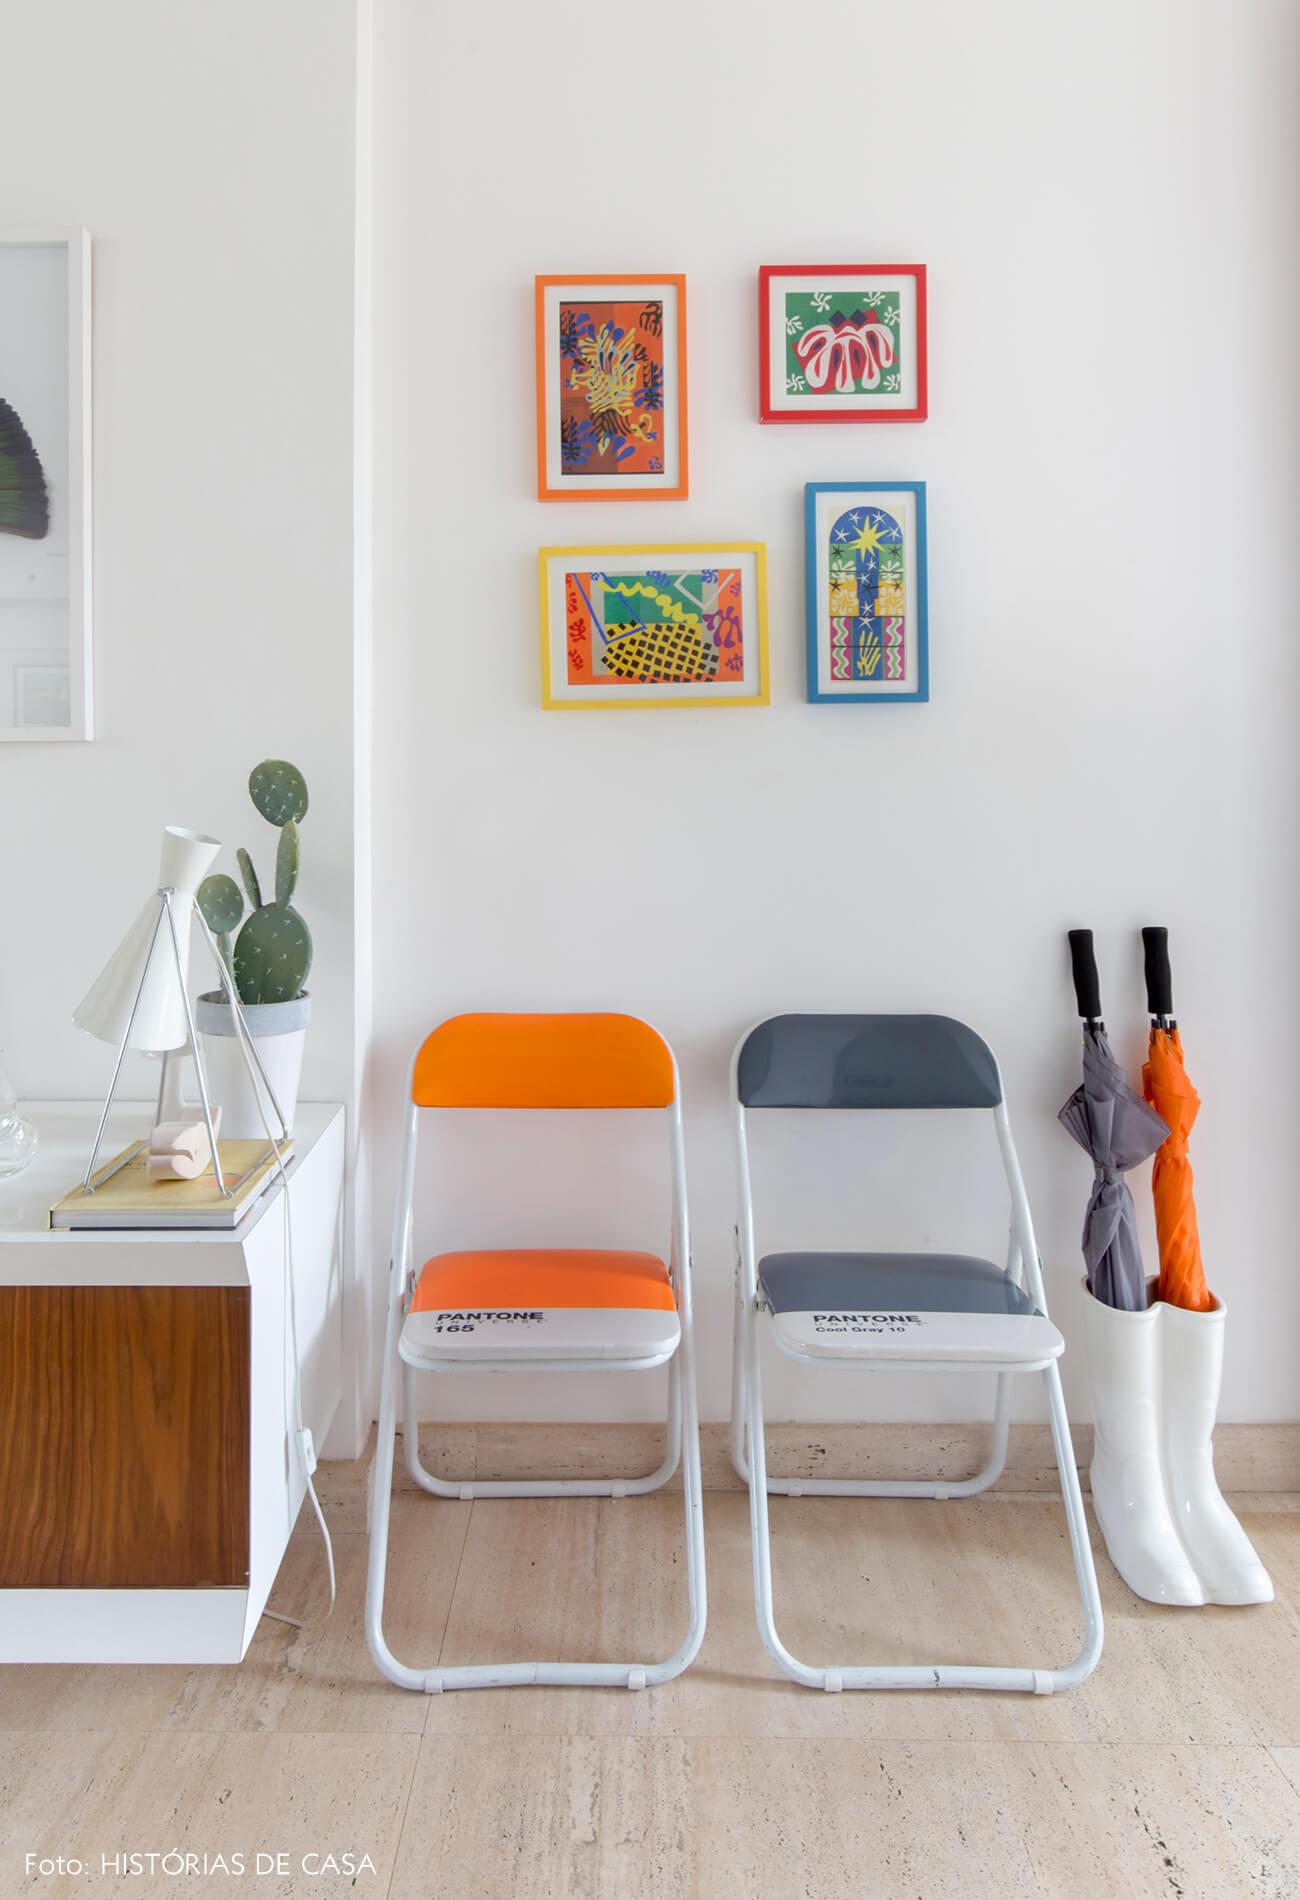 Casa com piso de mármore e cadeiras Pantone coloridas